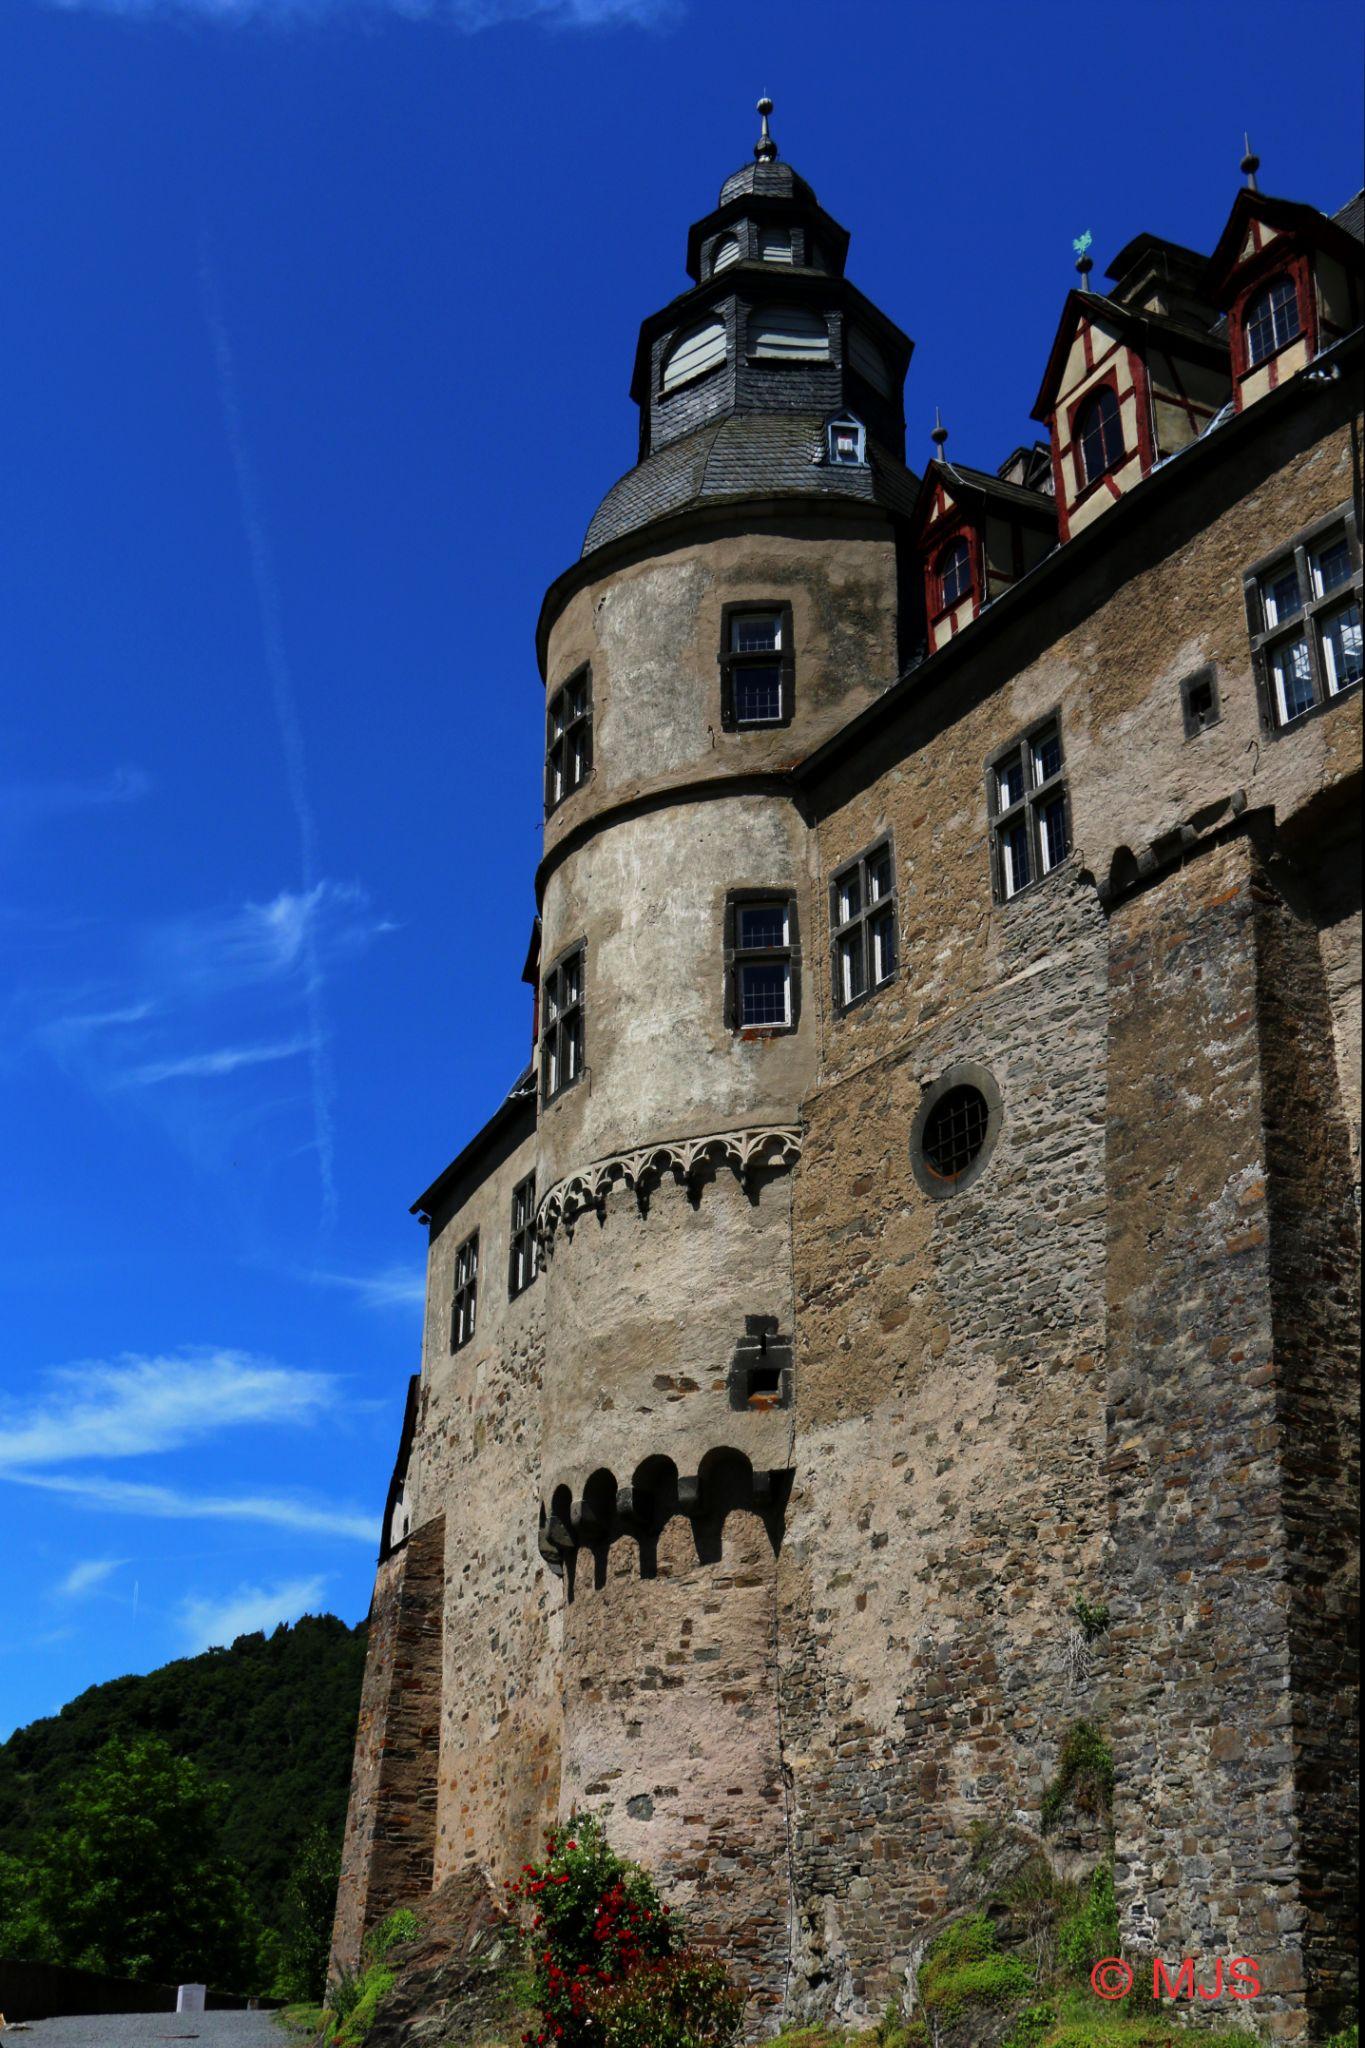 Burg/Castel by MJSMarcJoern